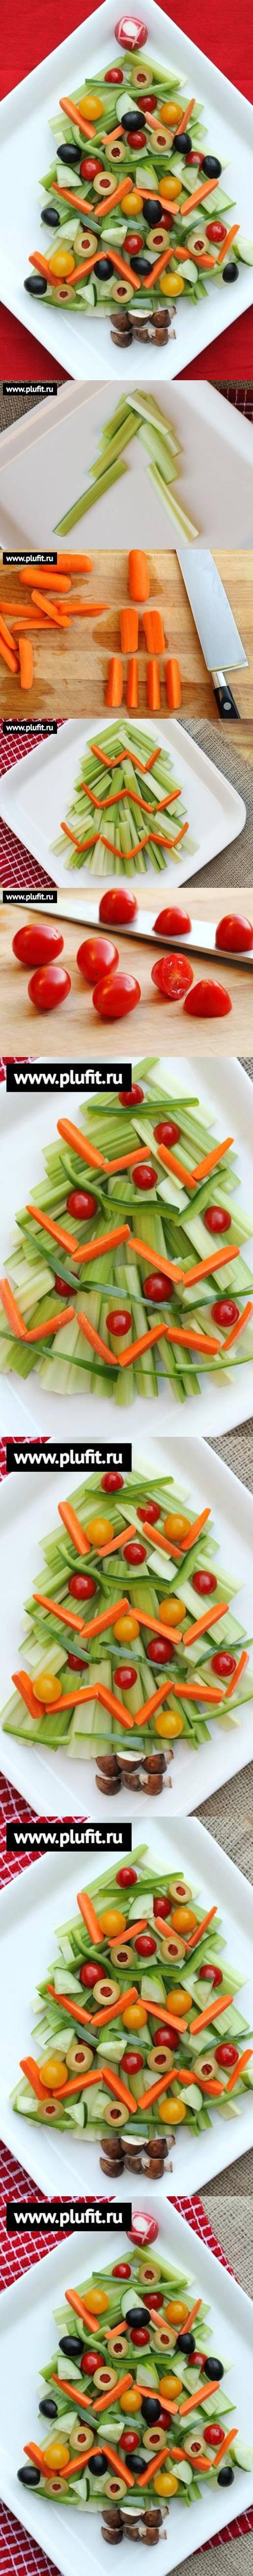 DIY Vegetable Christmas Tree Snack